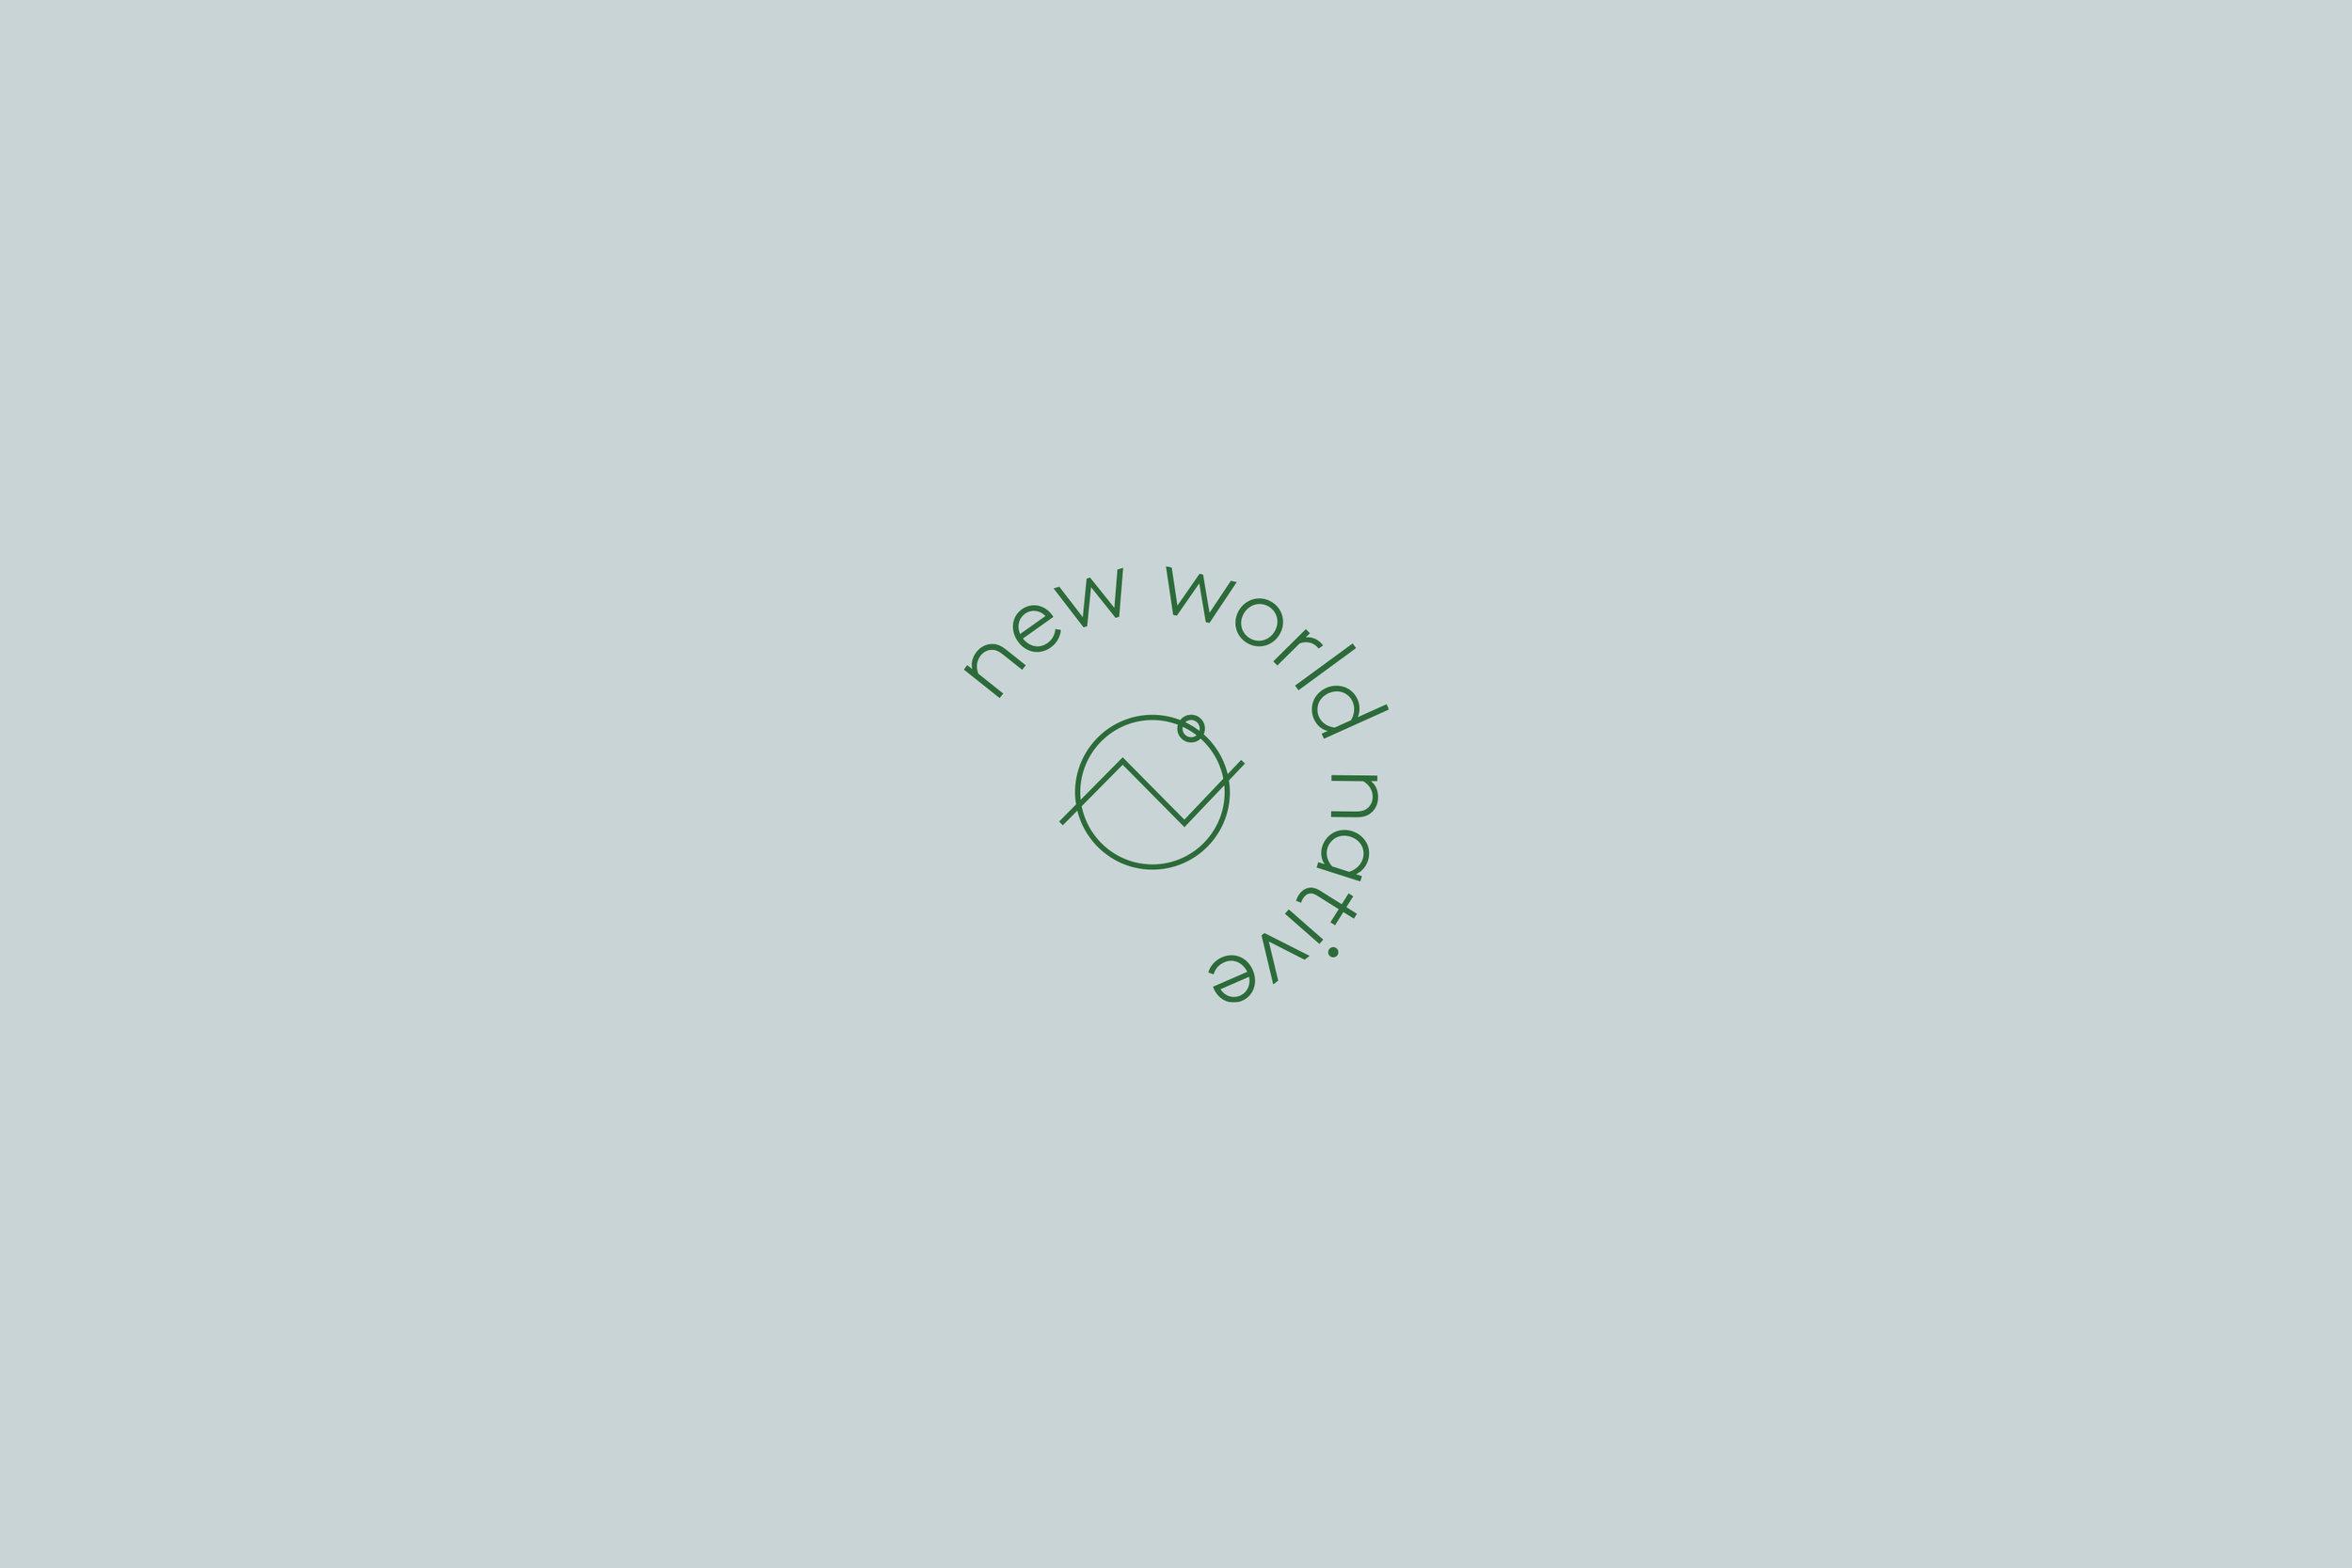 nwnRefresh_Folio_logo.jpg